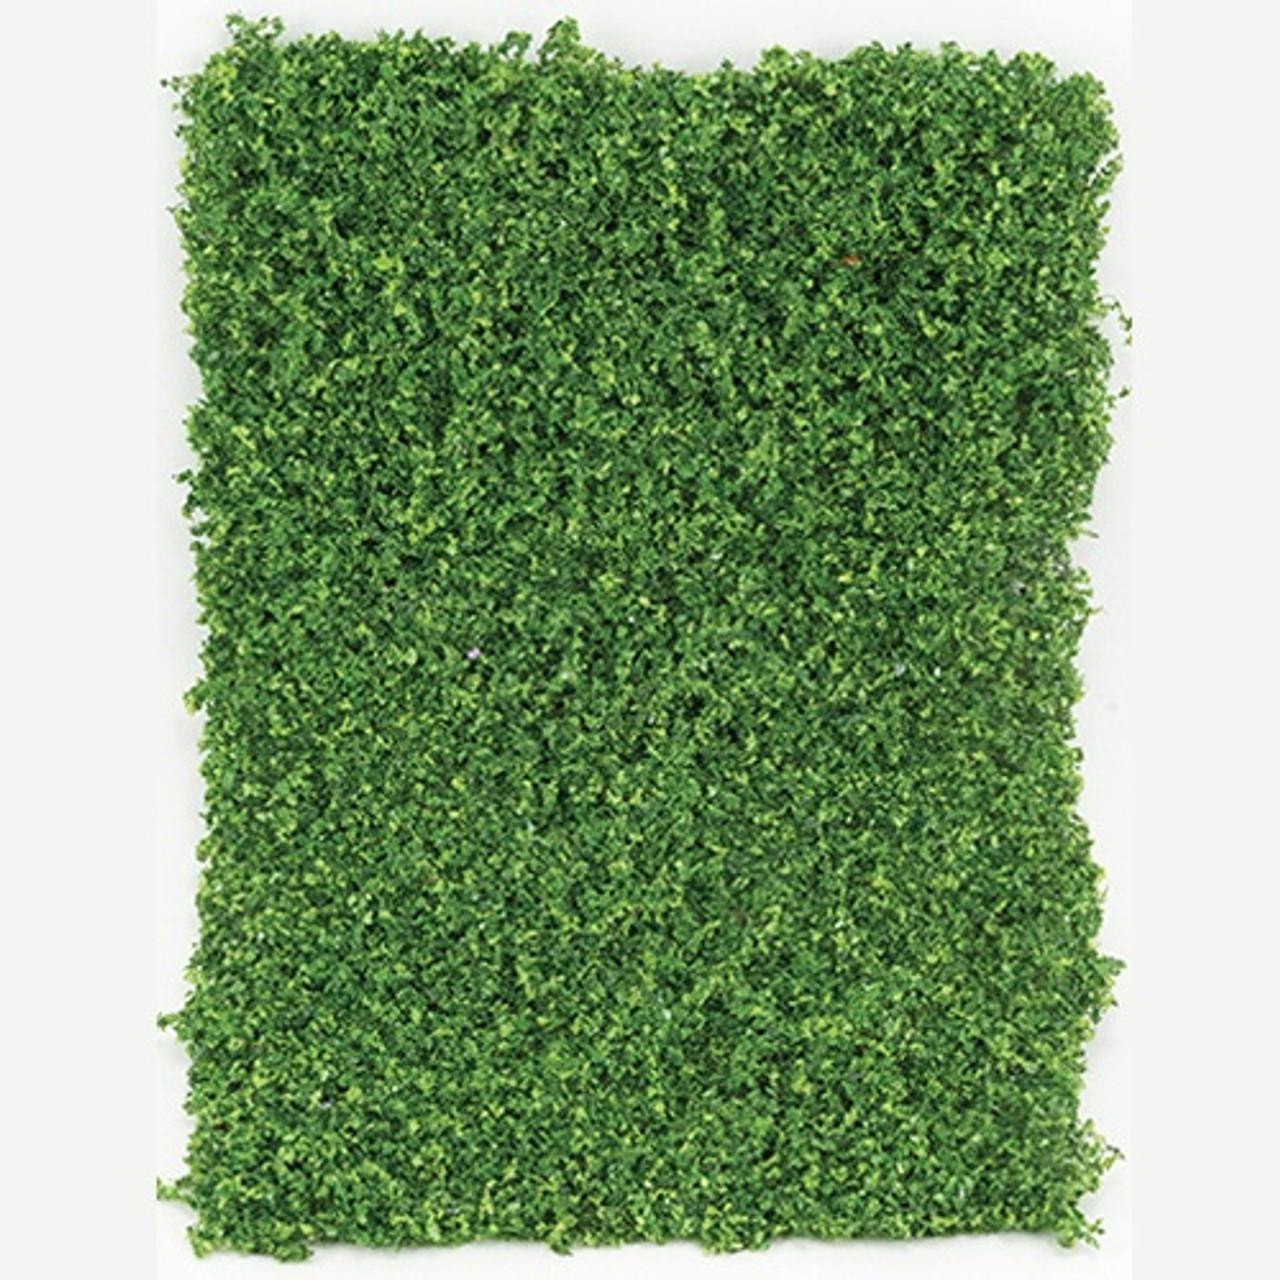 Medium Green Leaf Micro-Phlox (CA4121)